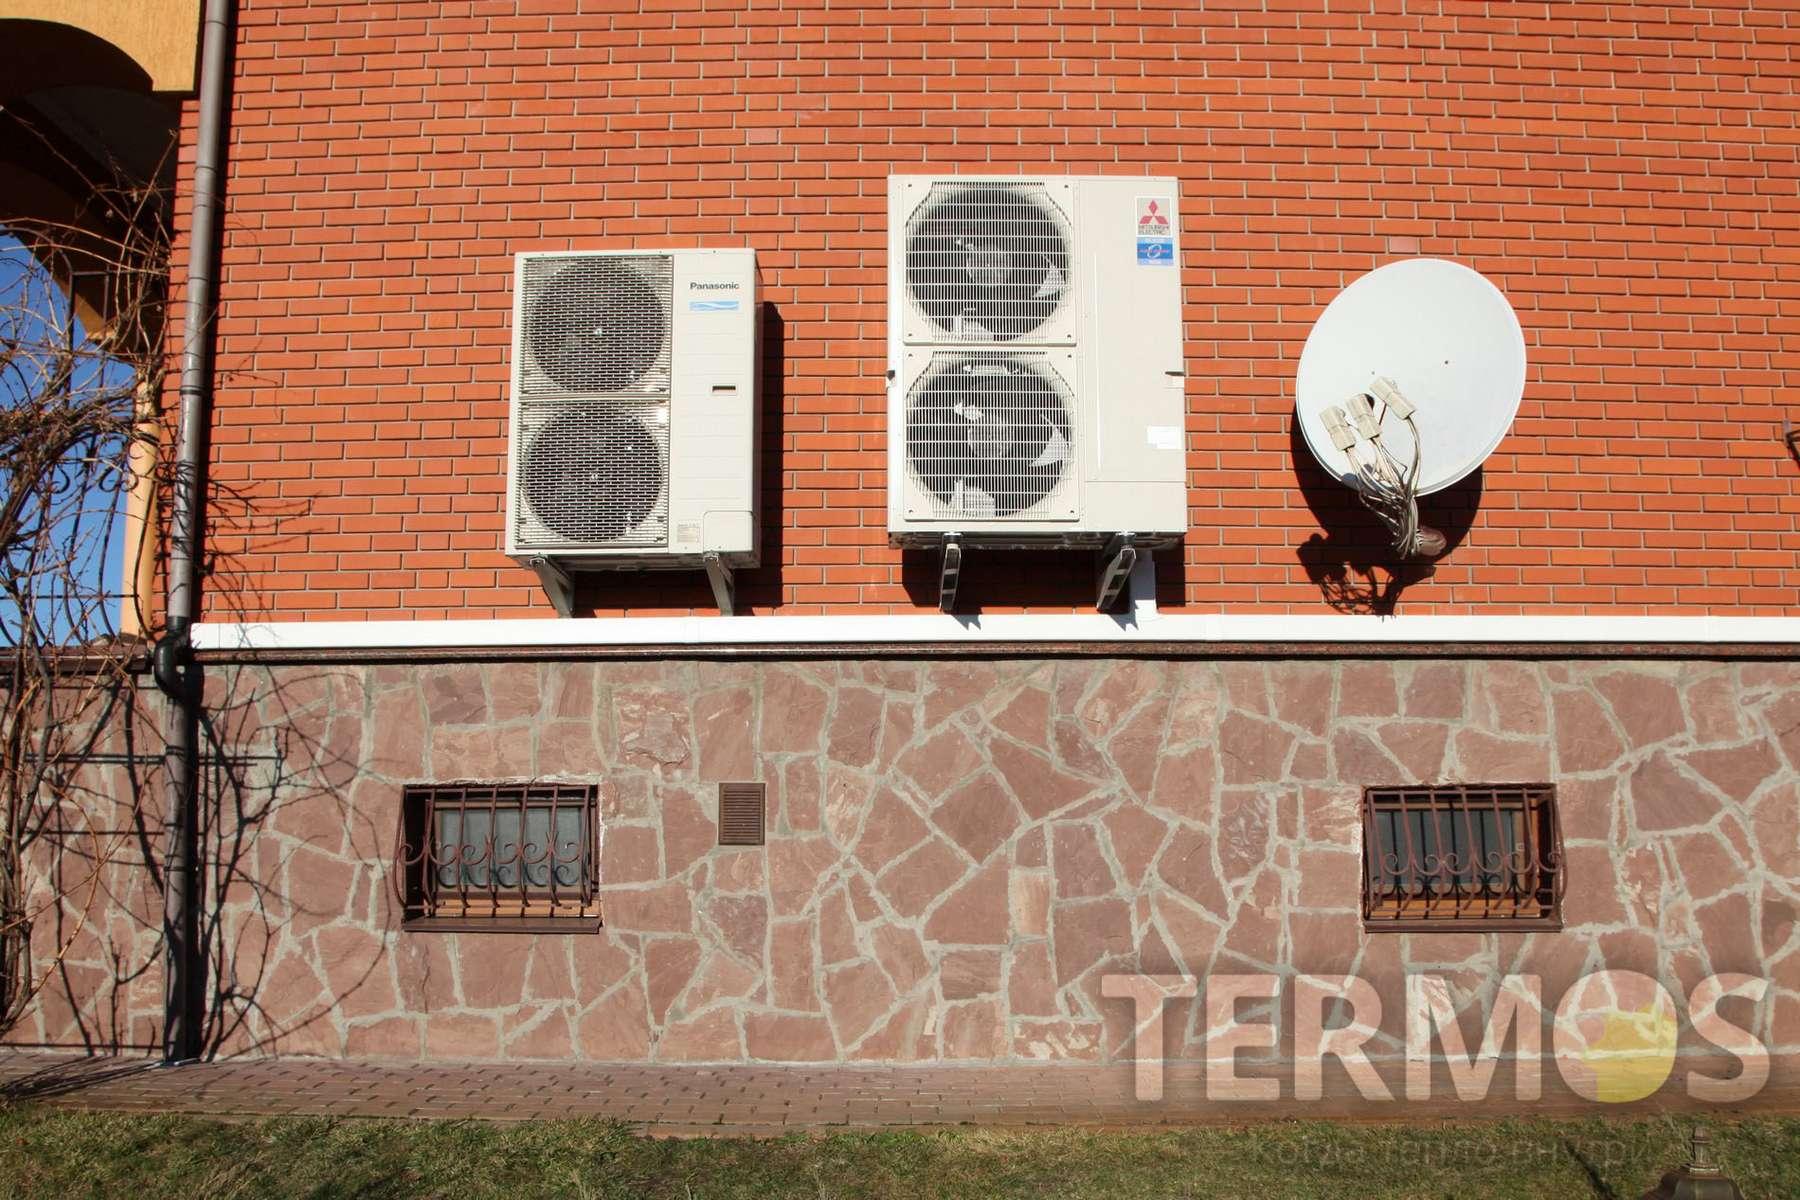 Наружный блок теплового насоса с инверторным компрессором двухфазного впрыска, обеспечивает эффективный отбор тепла из окружающей среды